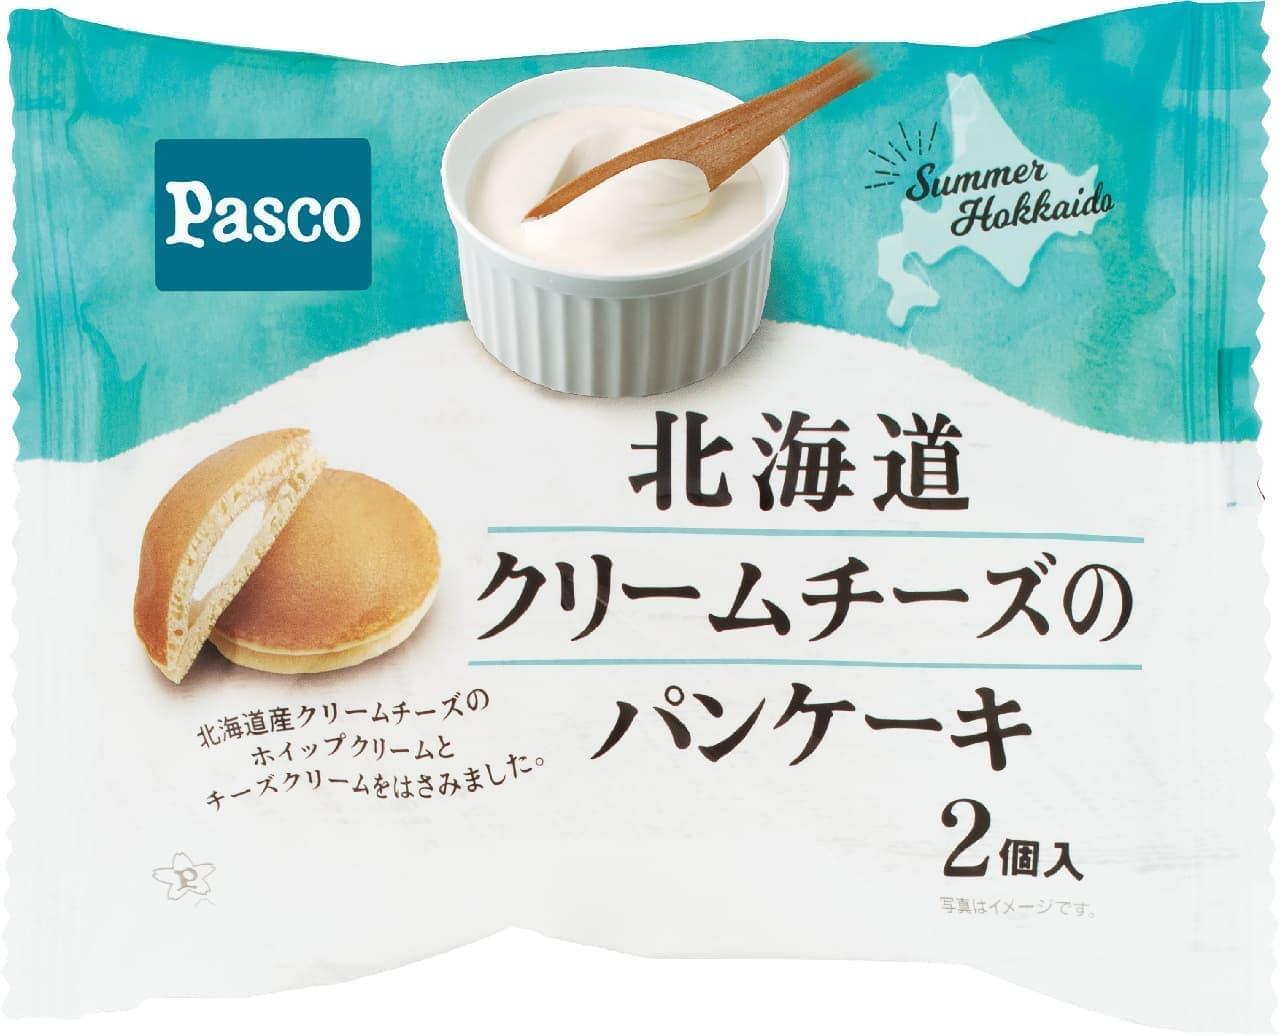 パスコ「北海道クリームチーズのパンケーキ 2個入」